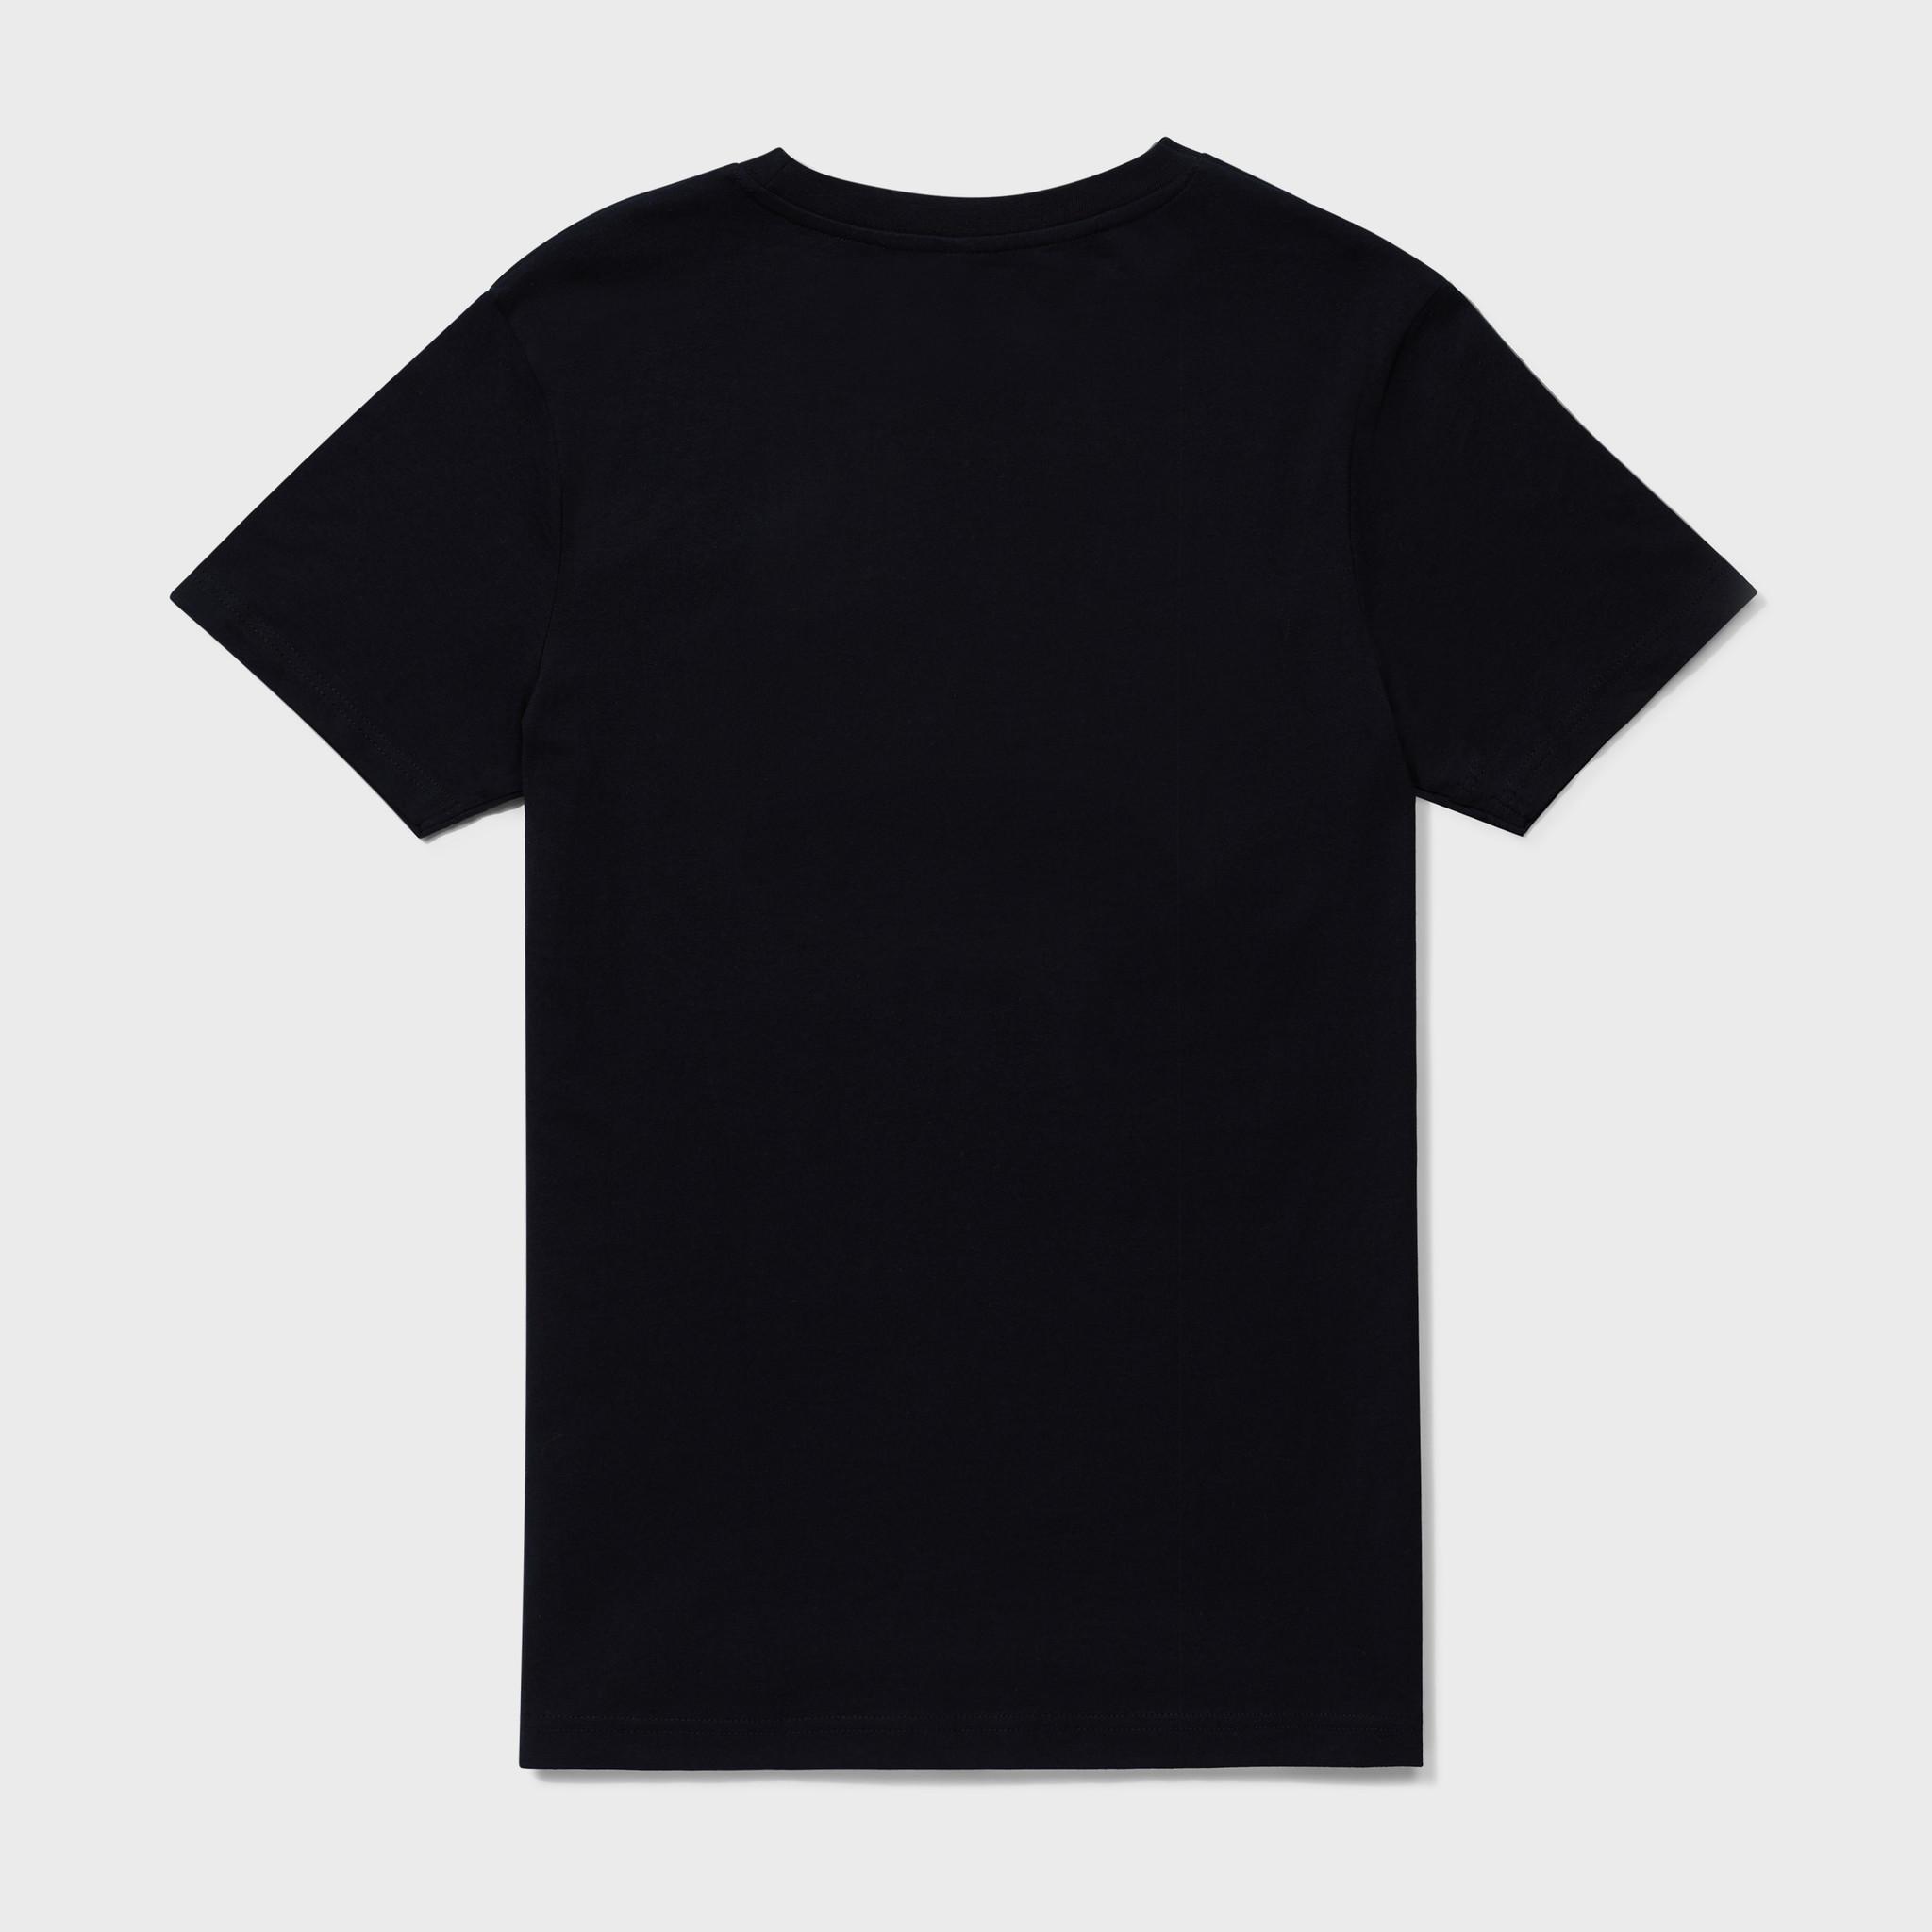 ESSENTIAL TEE BLACK-2